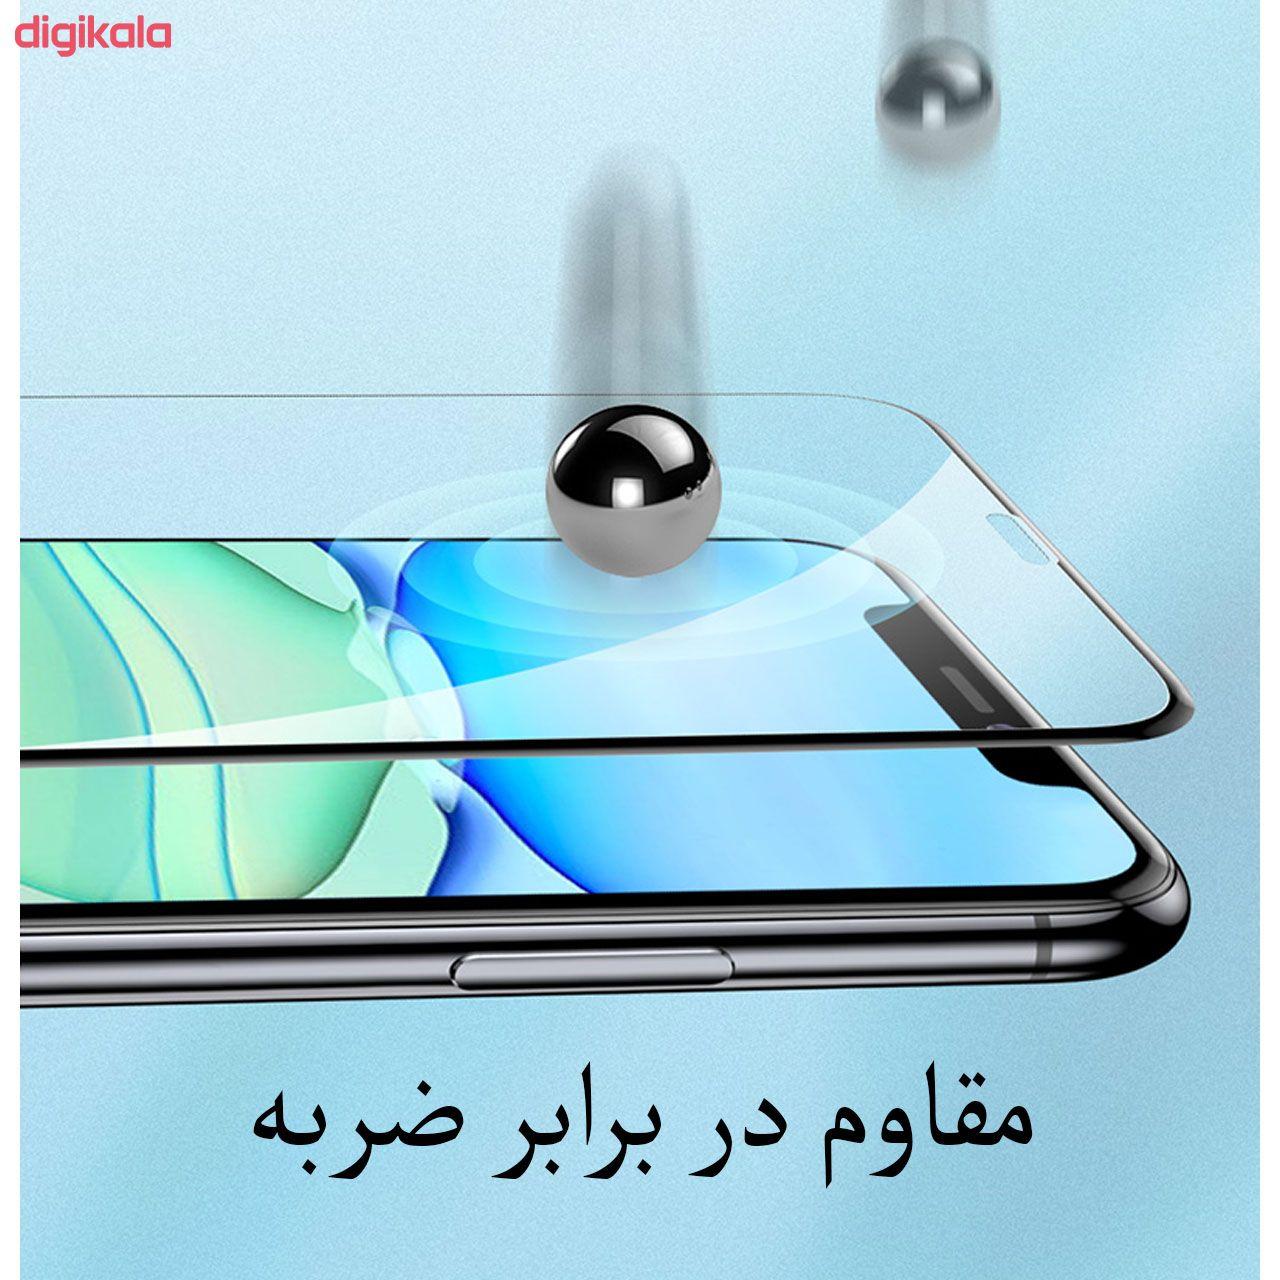 محافظ صفحه نمایش مدل FCG مناسب برای گوشی موبایل اپل iPhone 12 Pro بسته دو عددی main 1 8